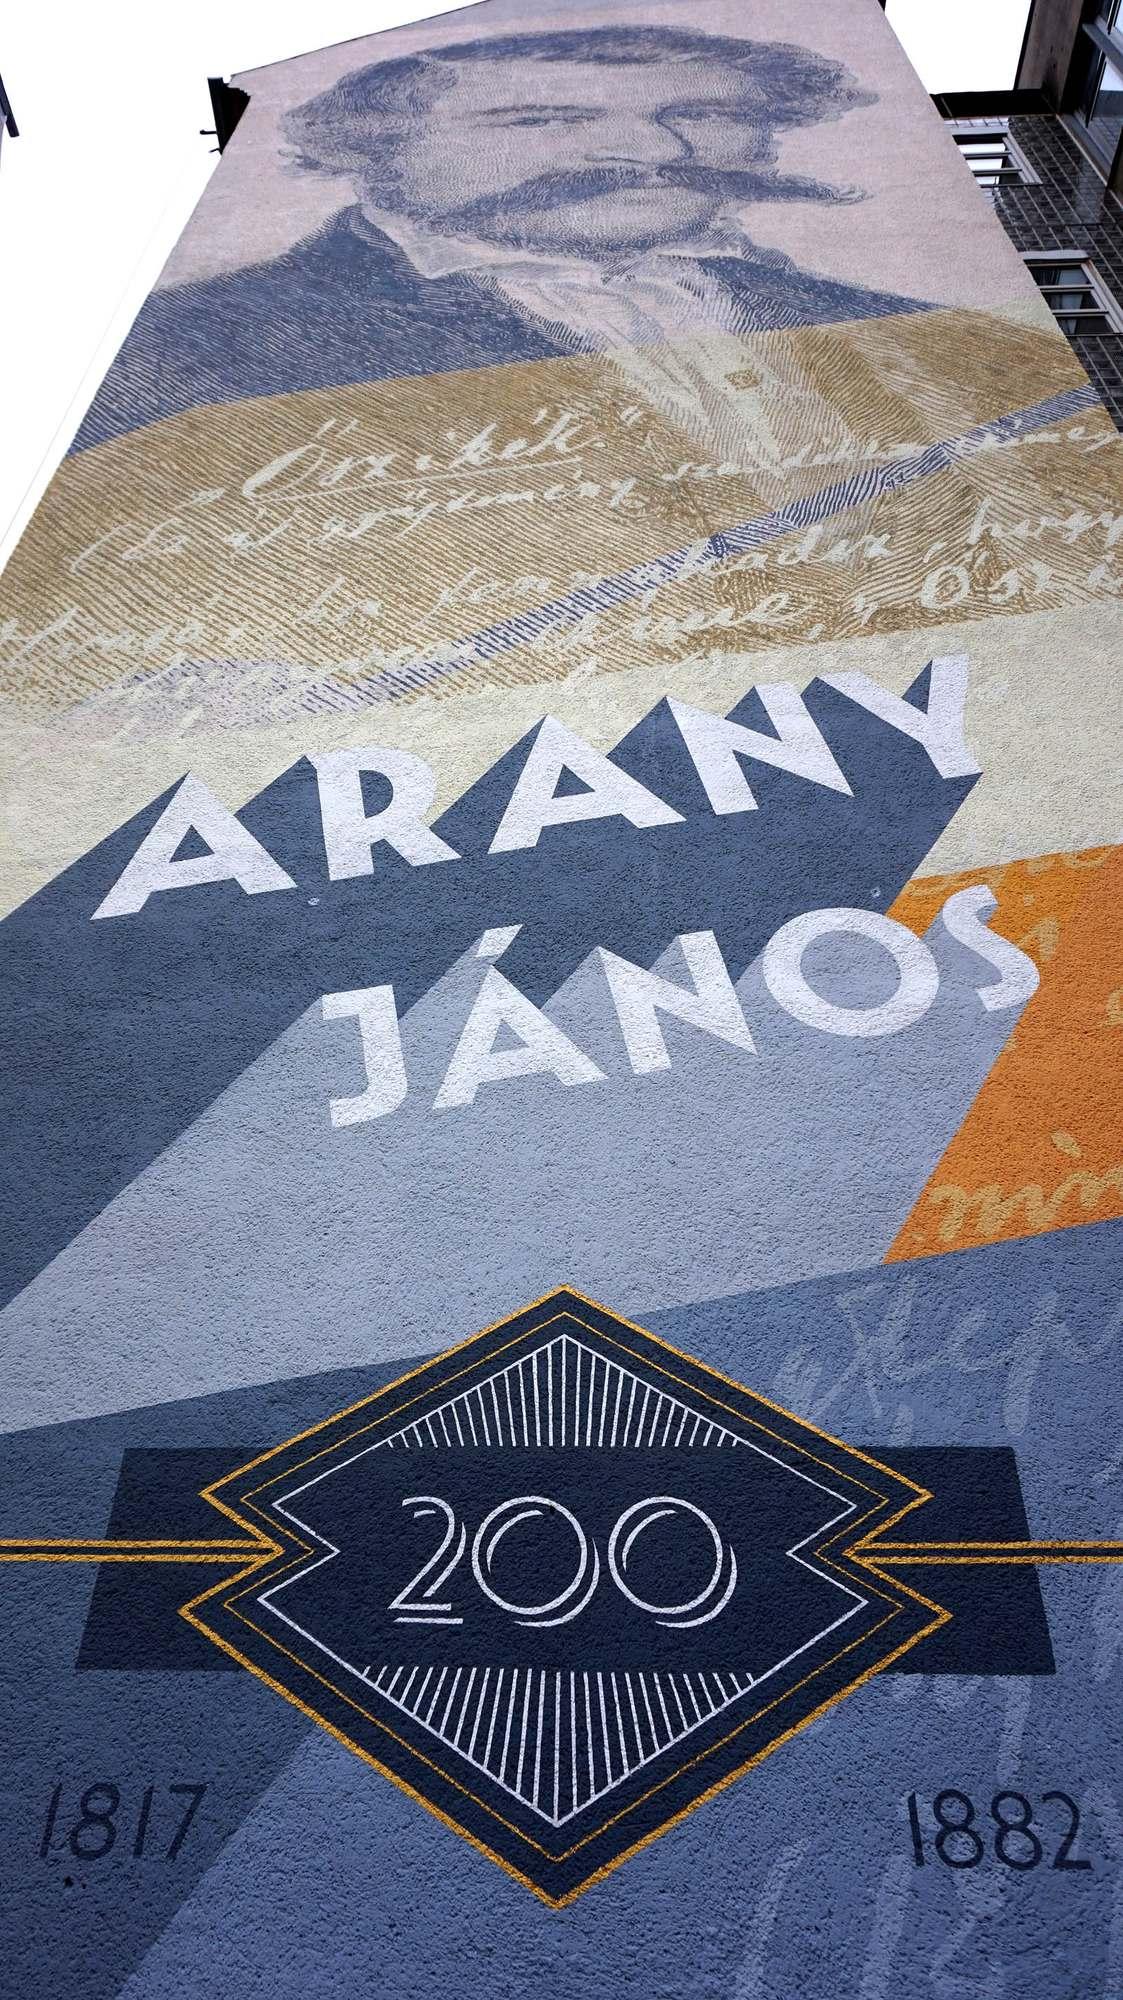 Arany János 200 - Neopaint